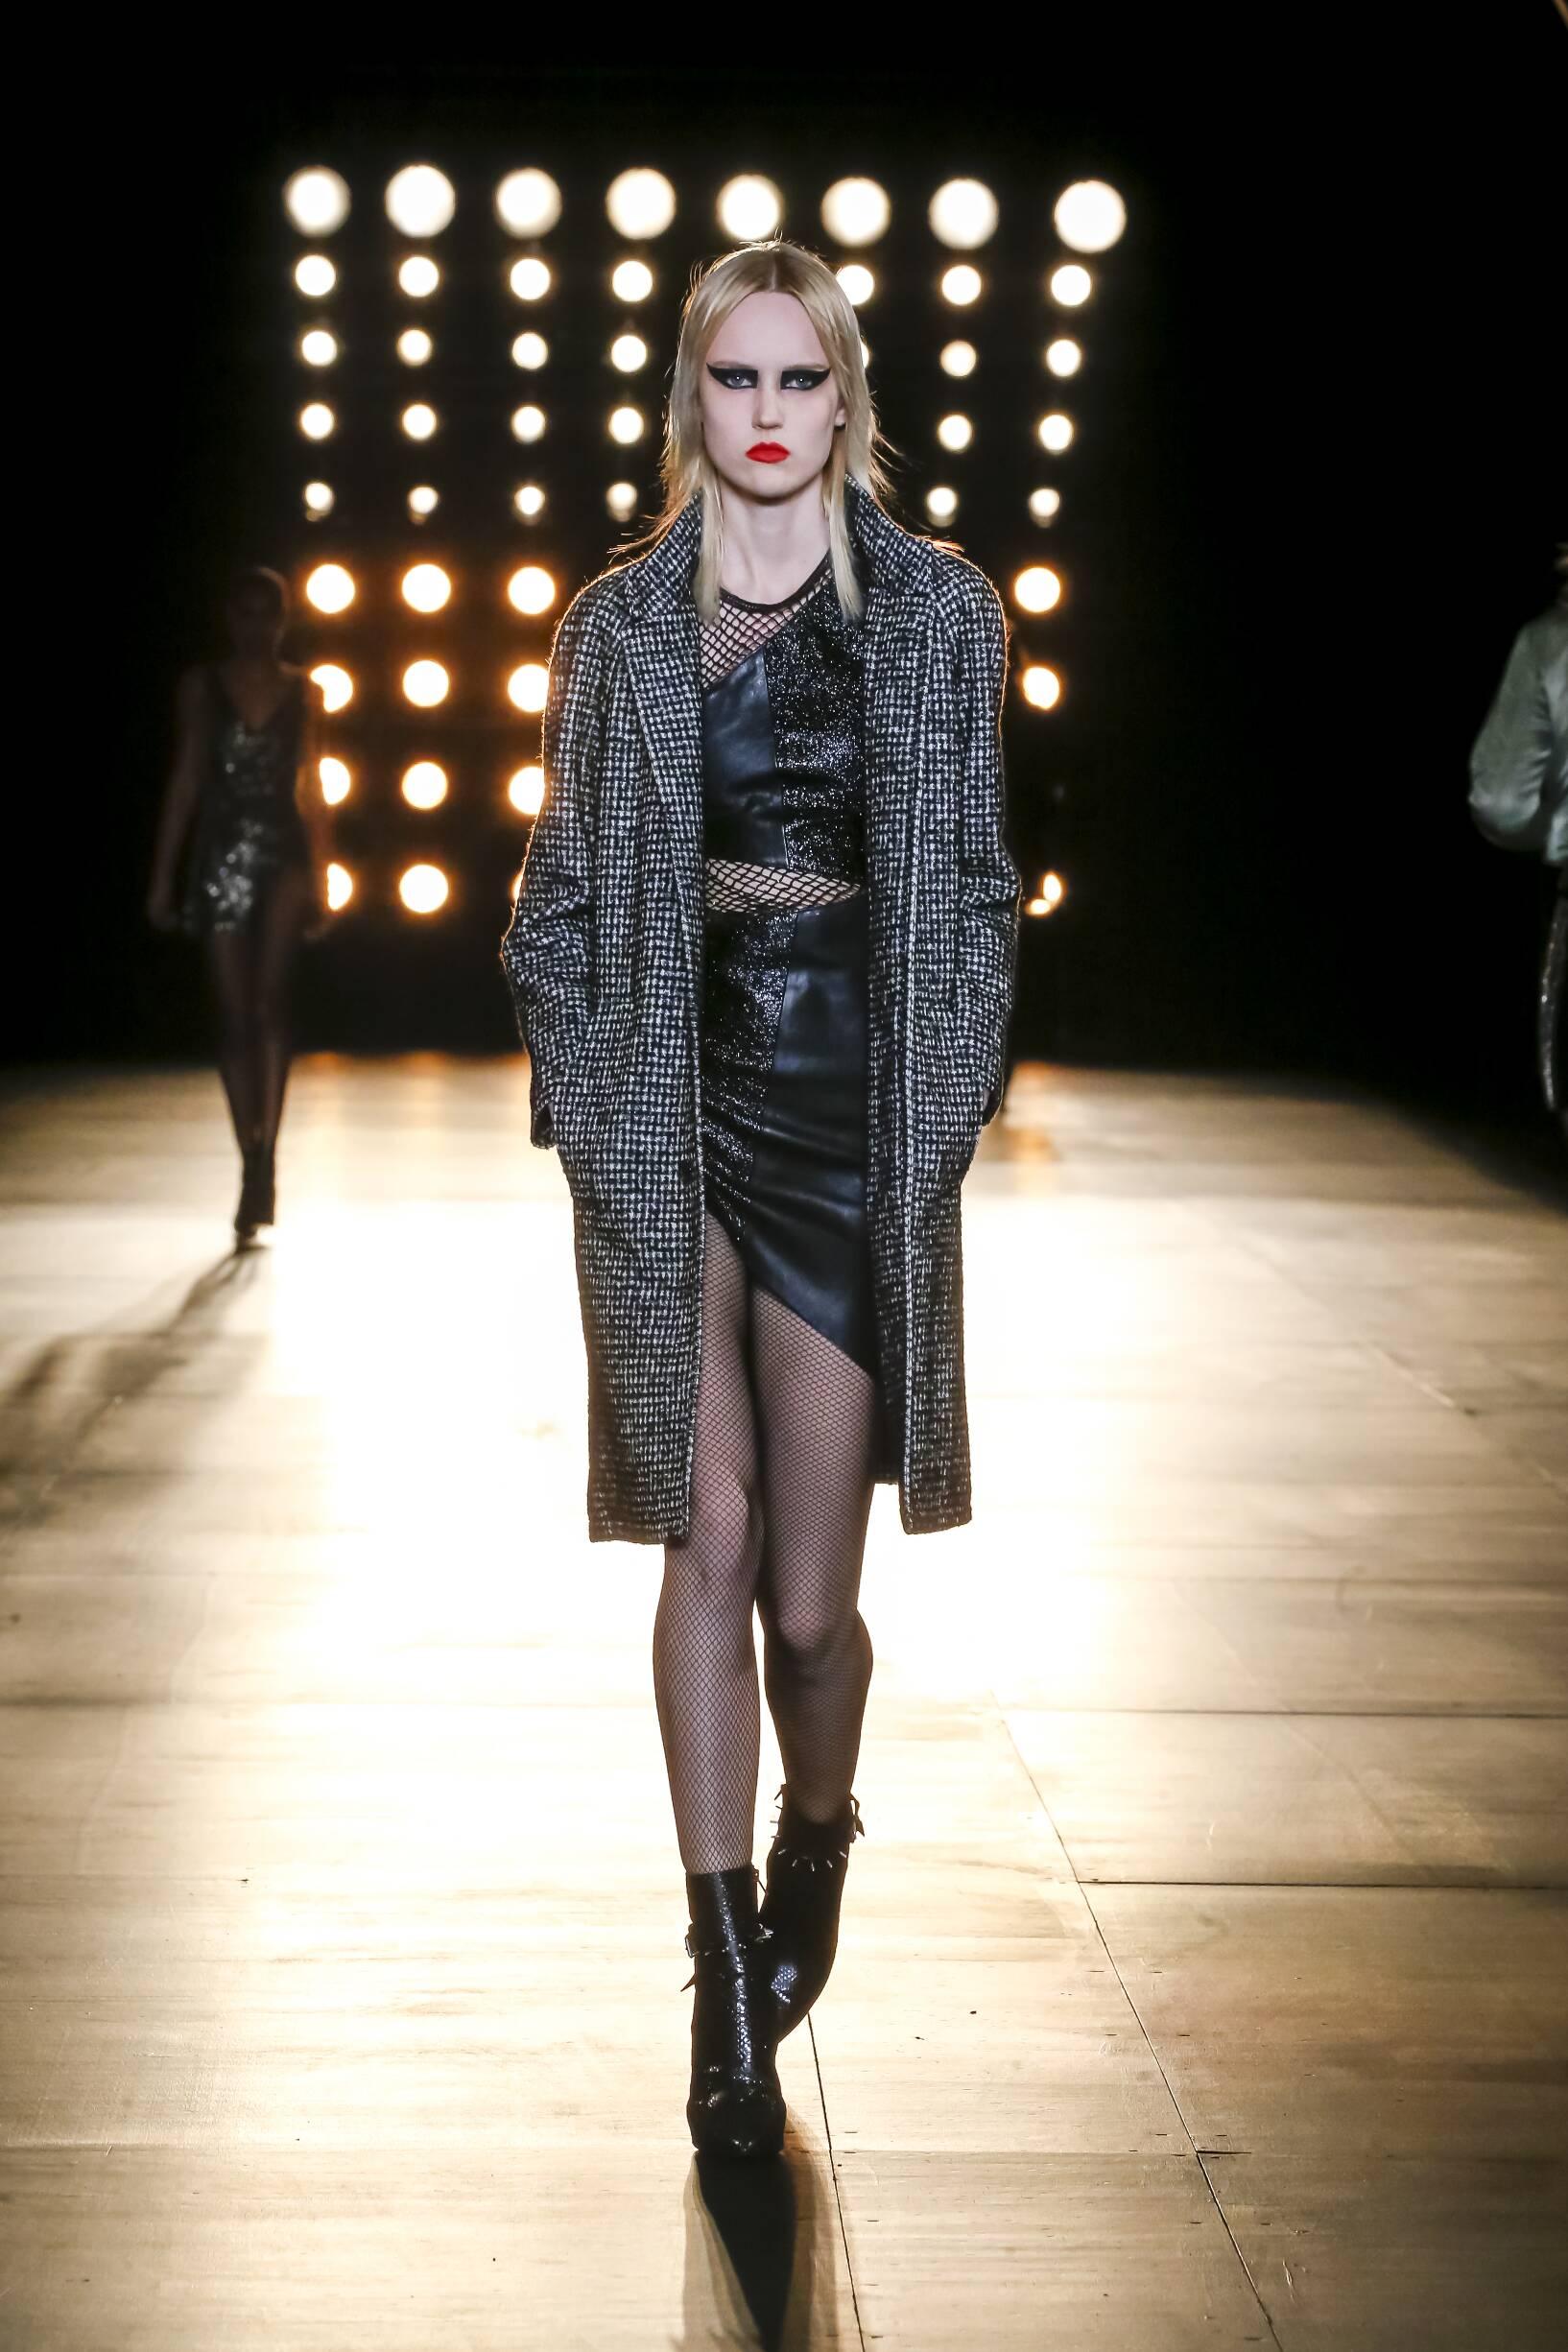 2015 Fashion Woman Model Saint Laurent Collection Catwalk